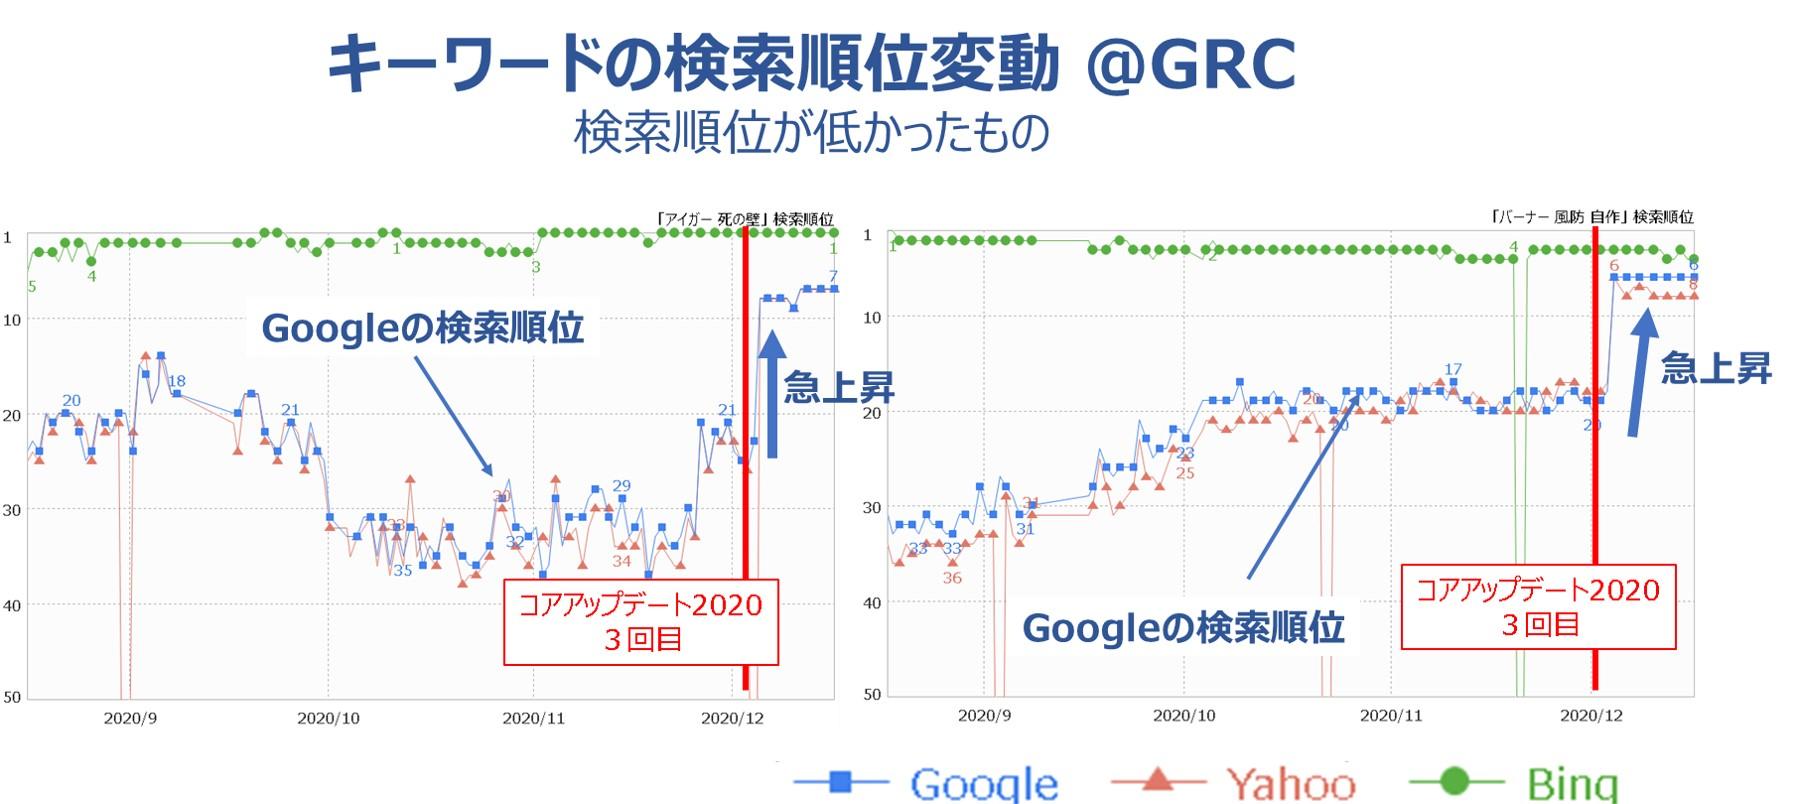 キーワードの検索順位変動2@GRC